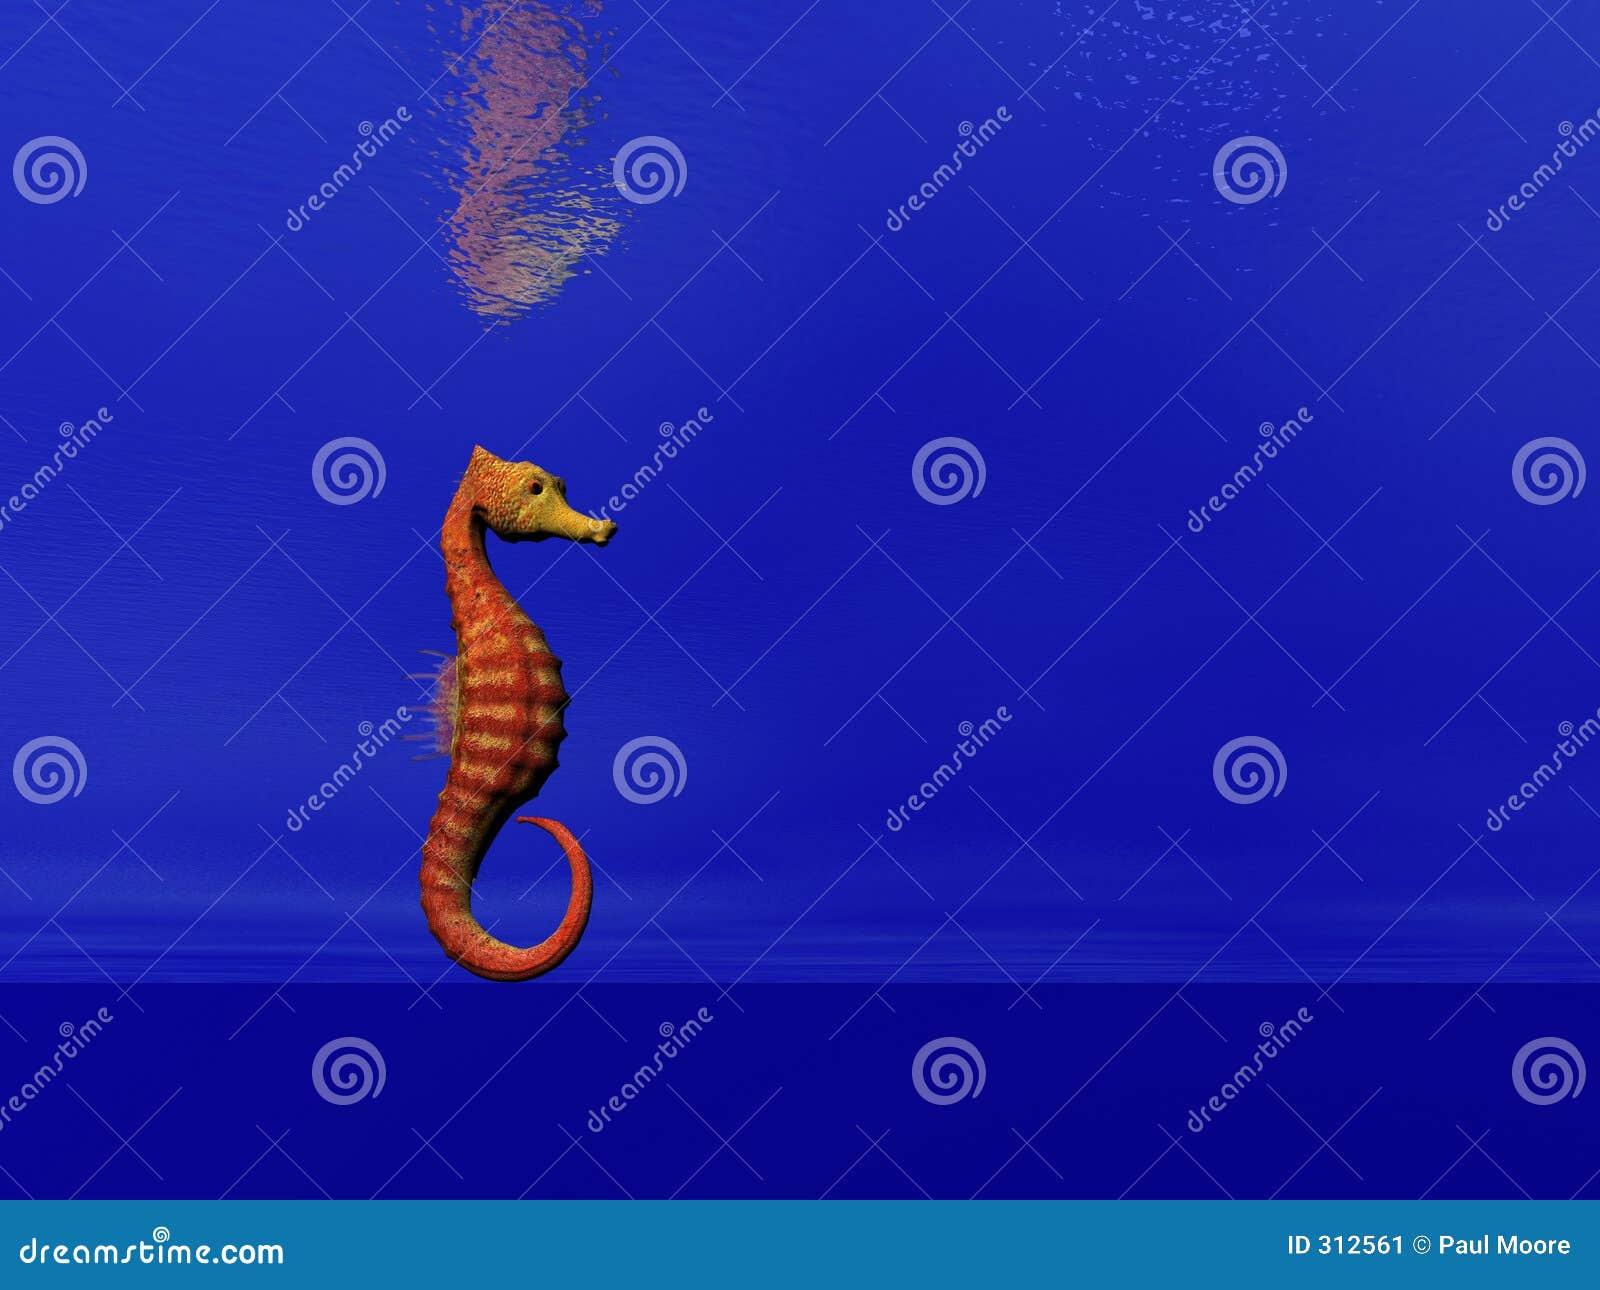 Seahorse due